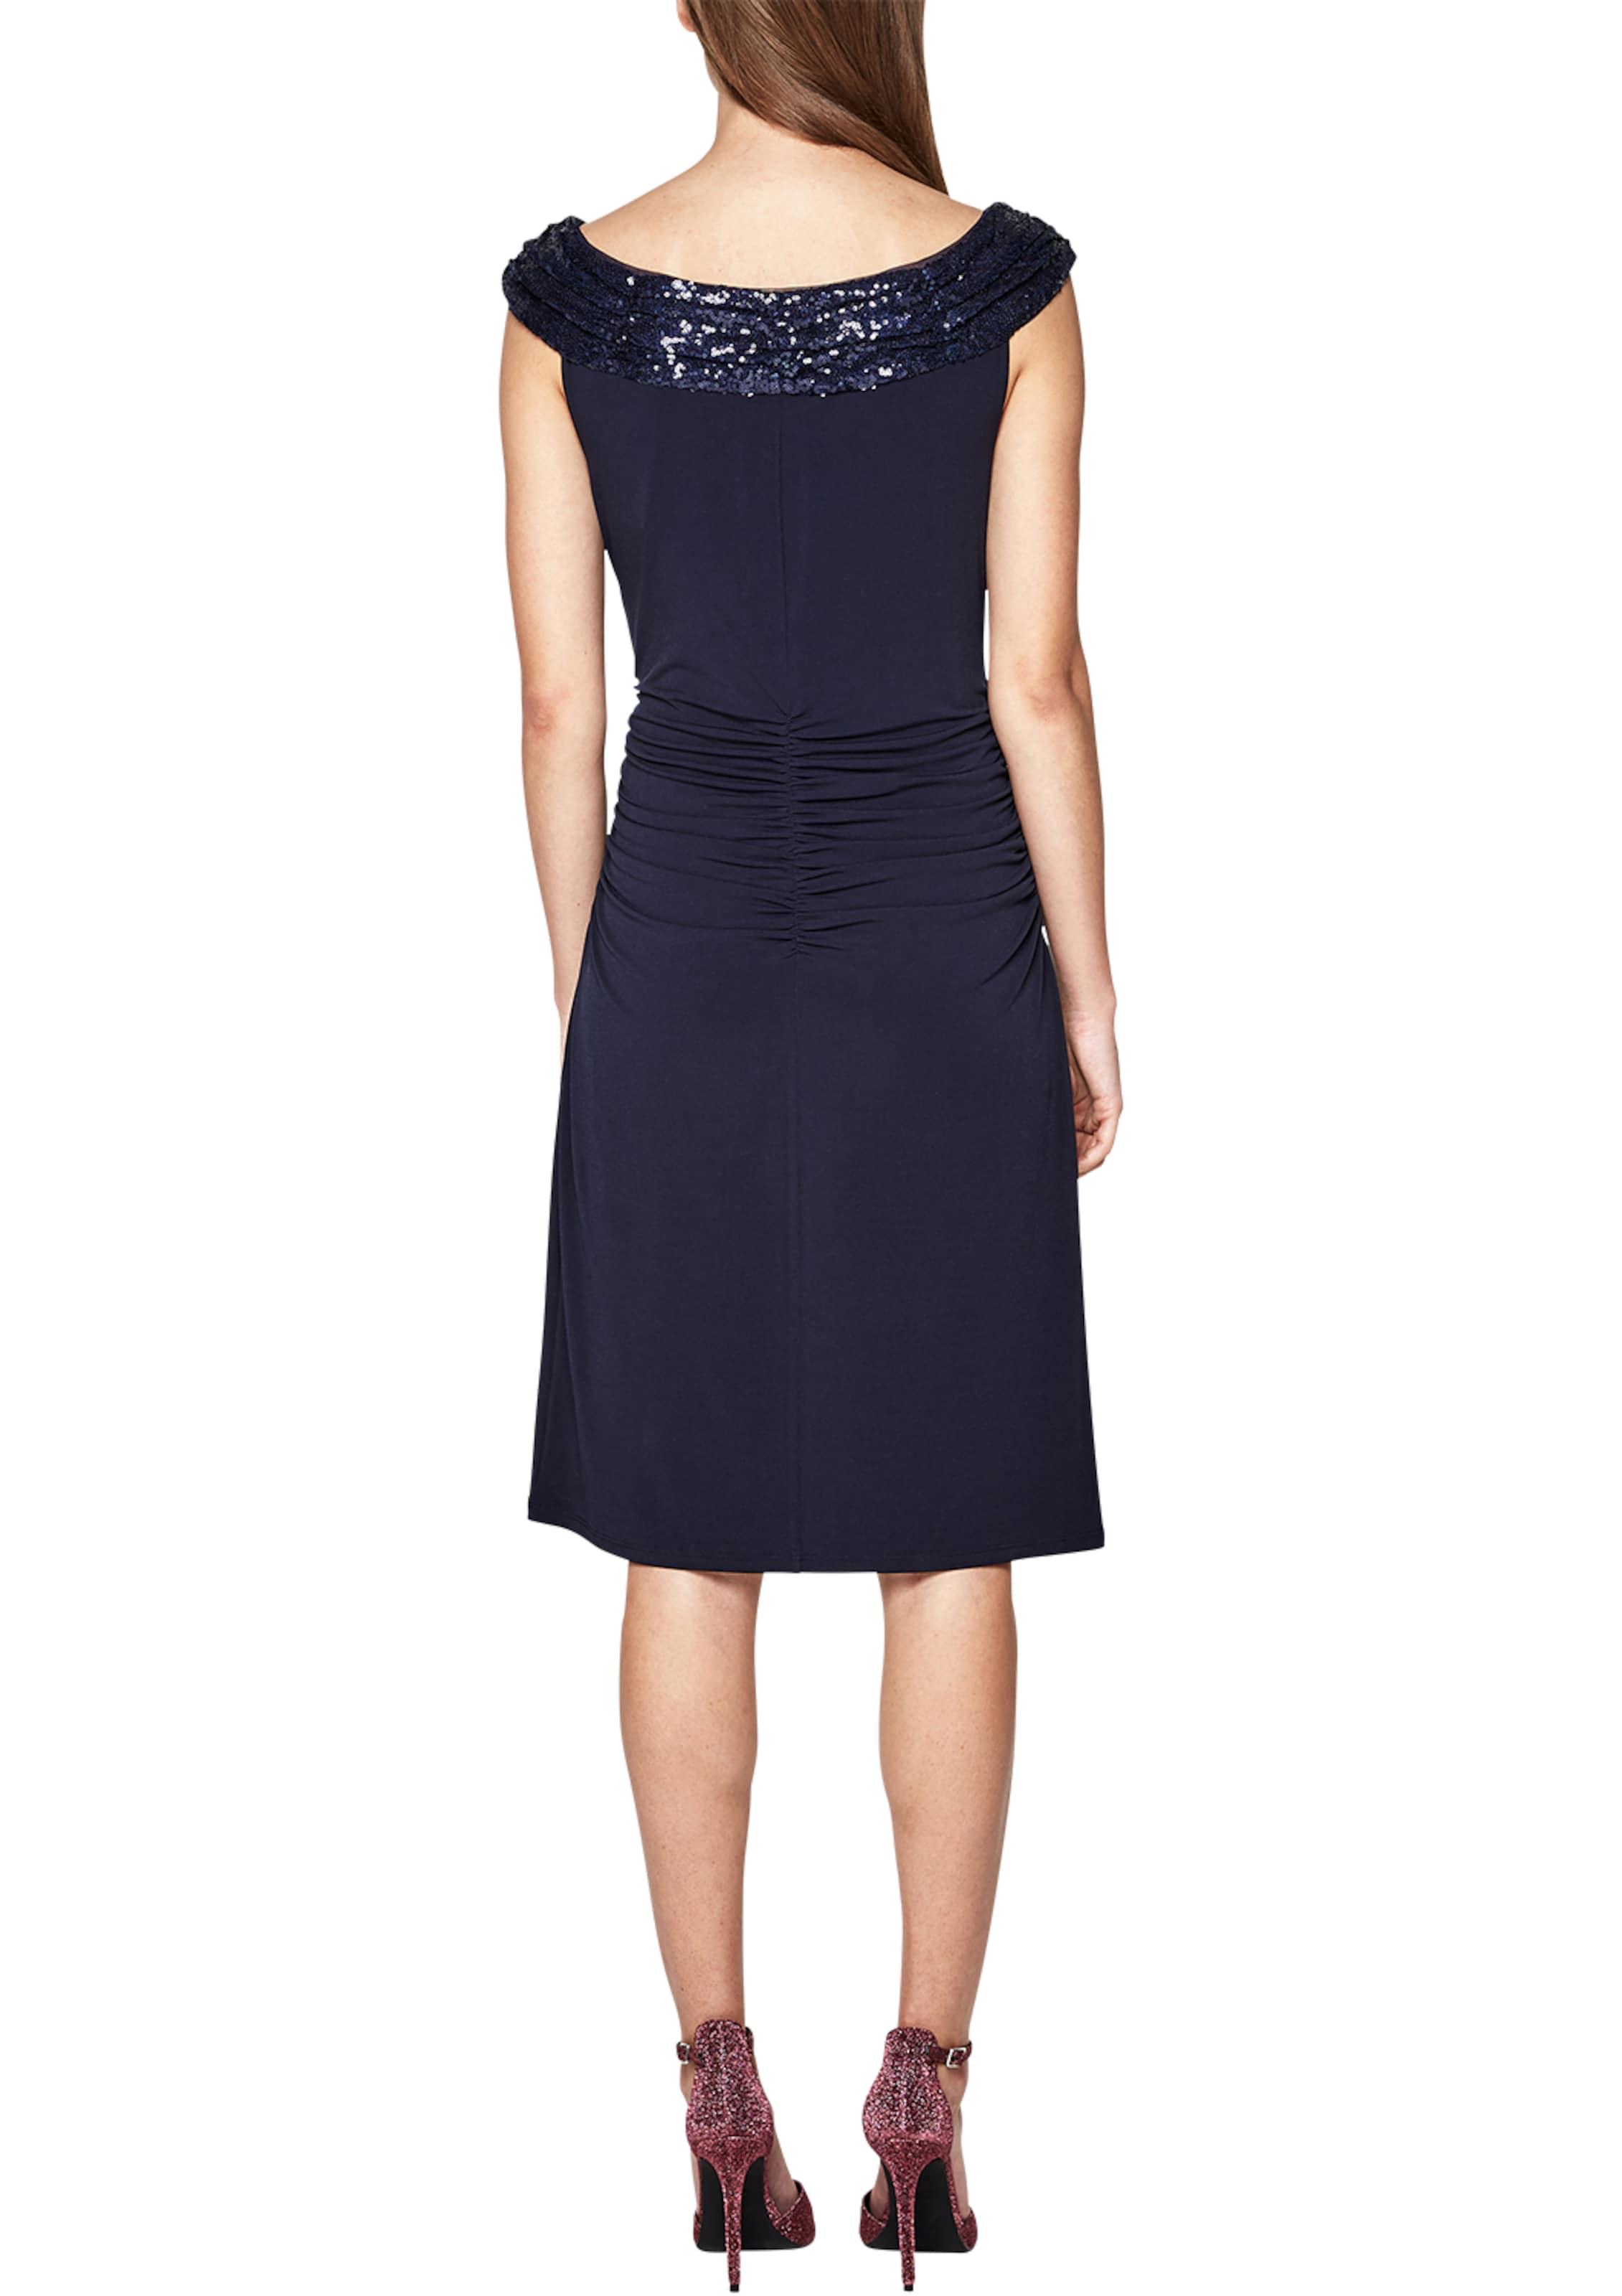 Verkauf Neuesten Kollektionen Billig Verkaufen Die Billigsten s.Oliver BLACK LABEL Figurbetontes Kleid mit Pailletten 0QyIt8De